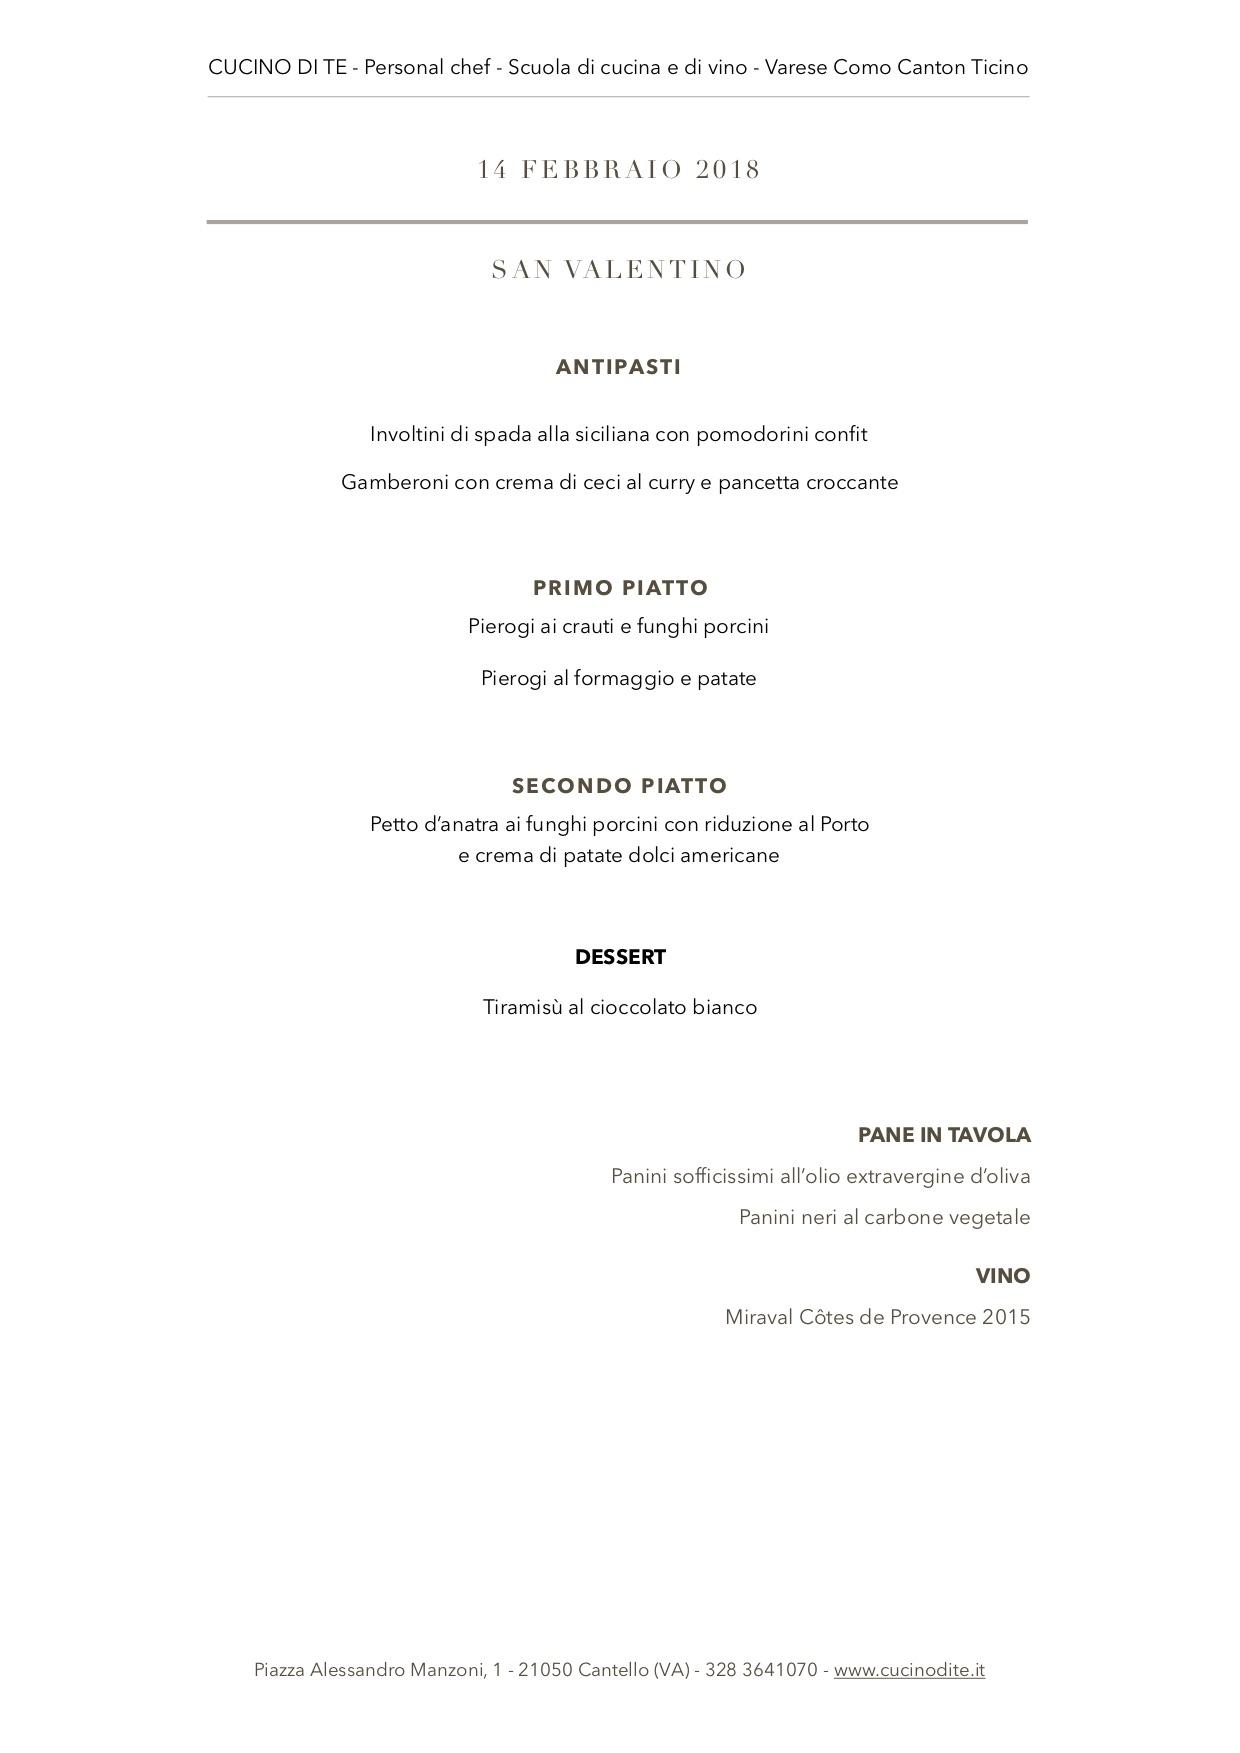 cucino di te - menù del 14 febbraio 2018